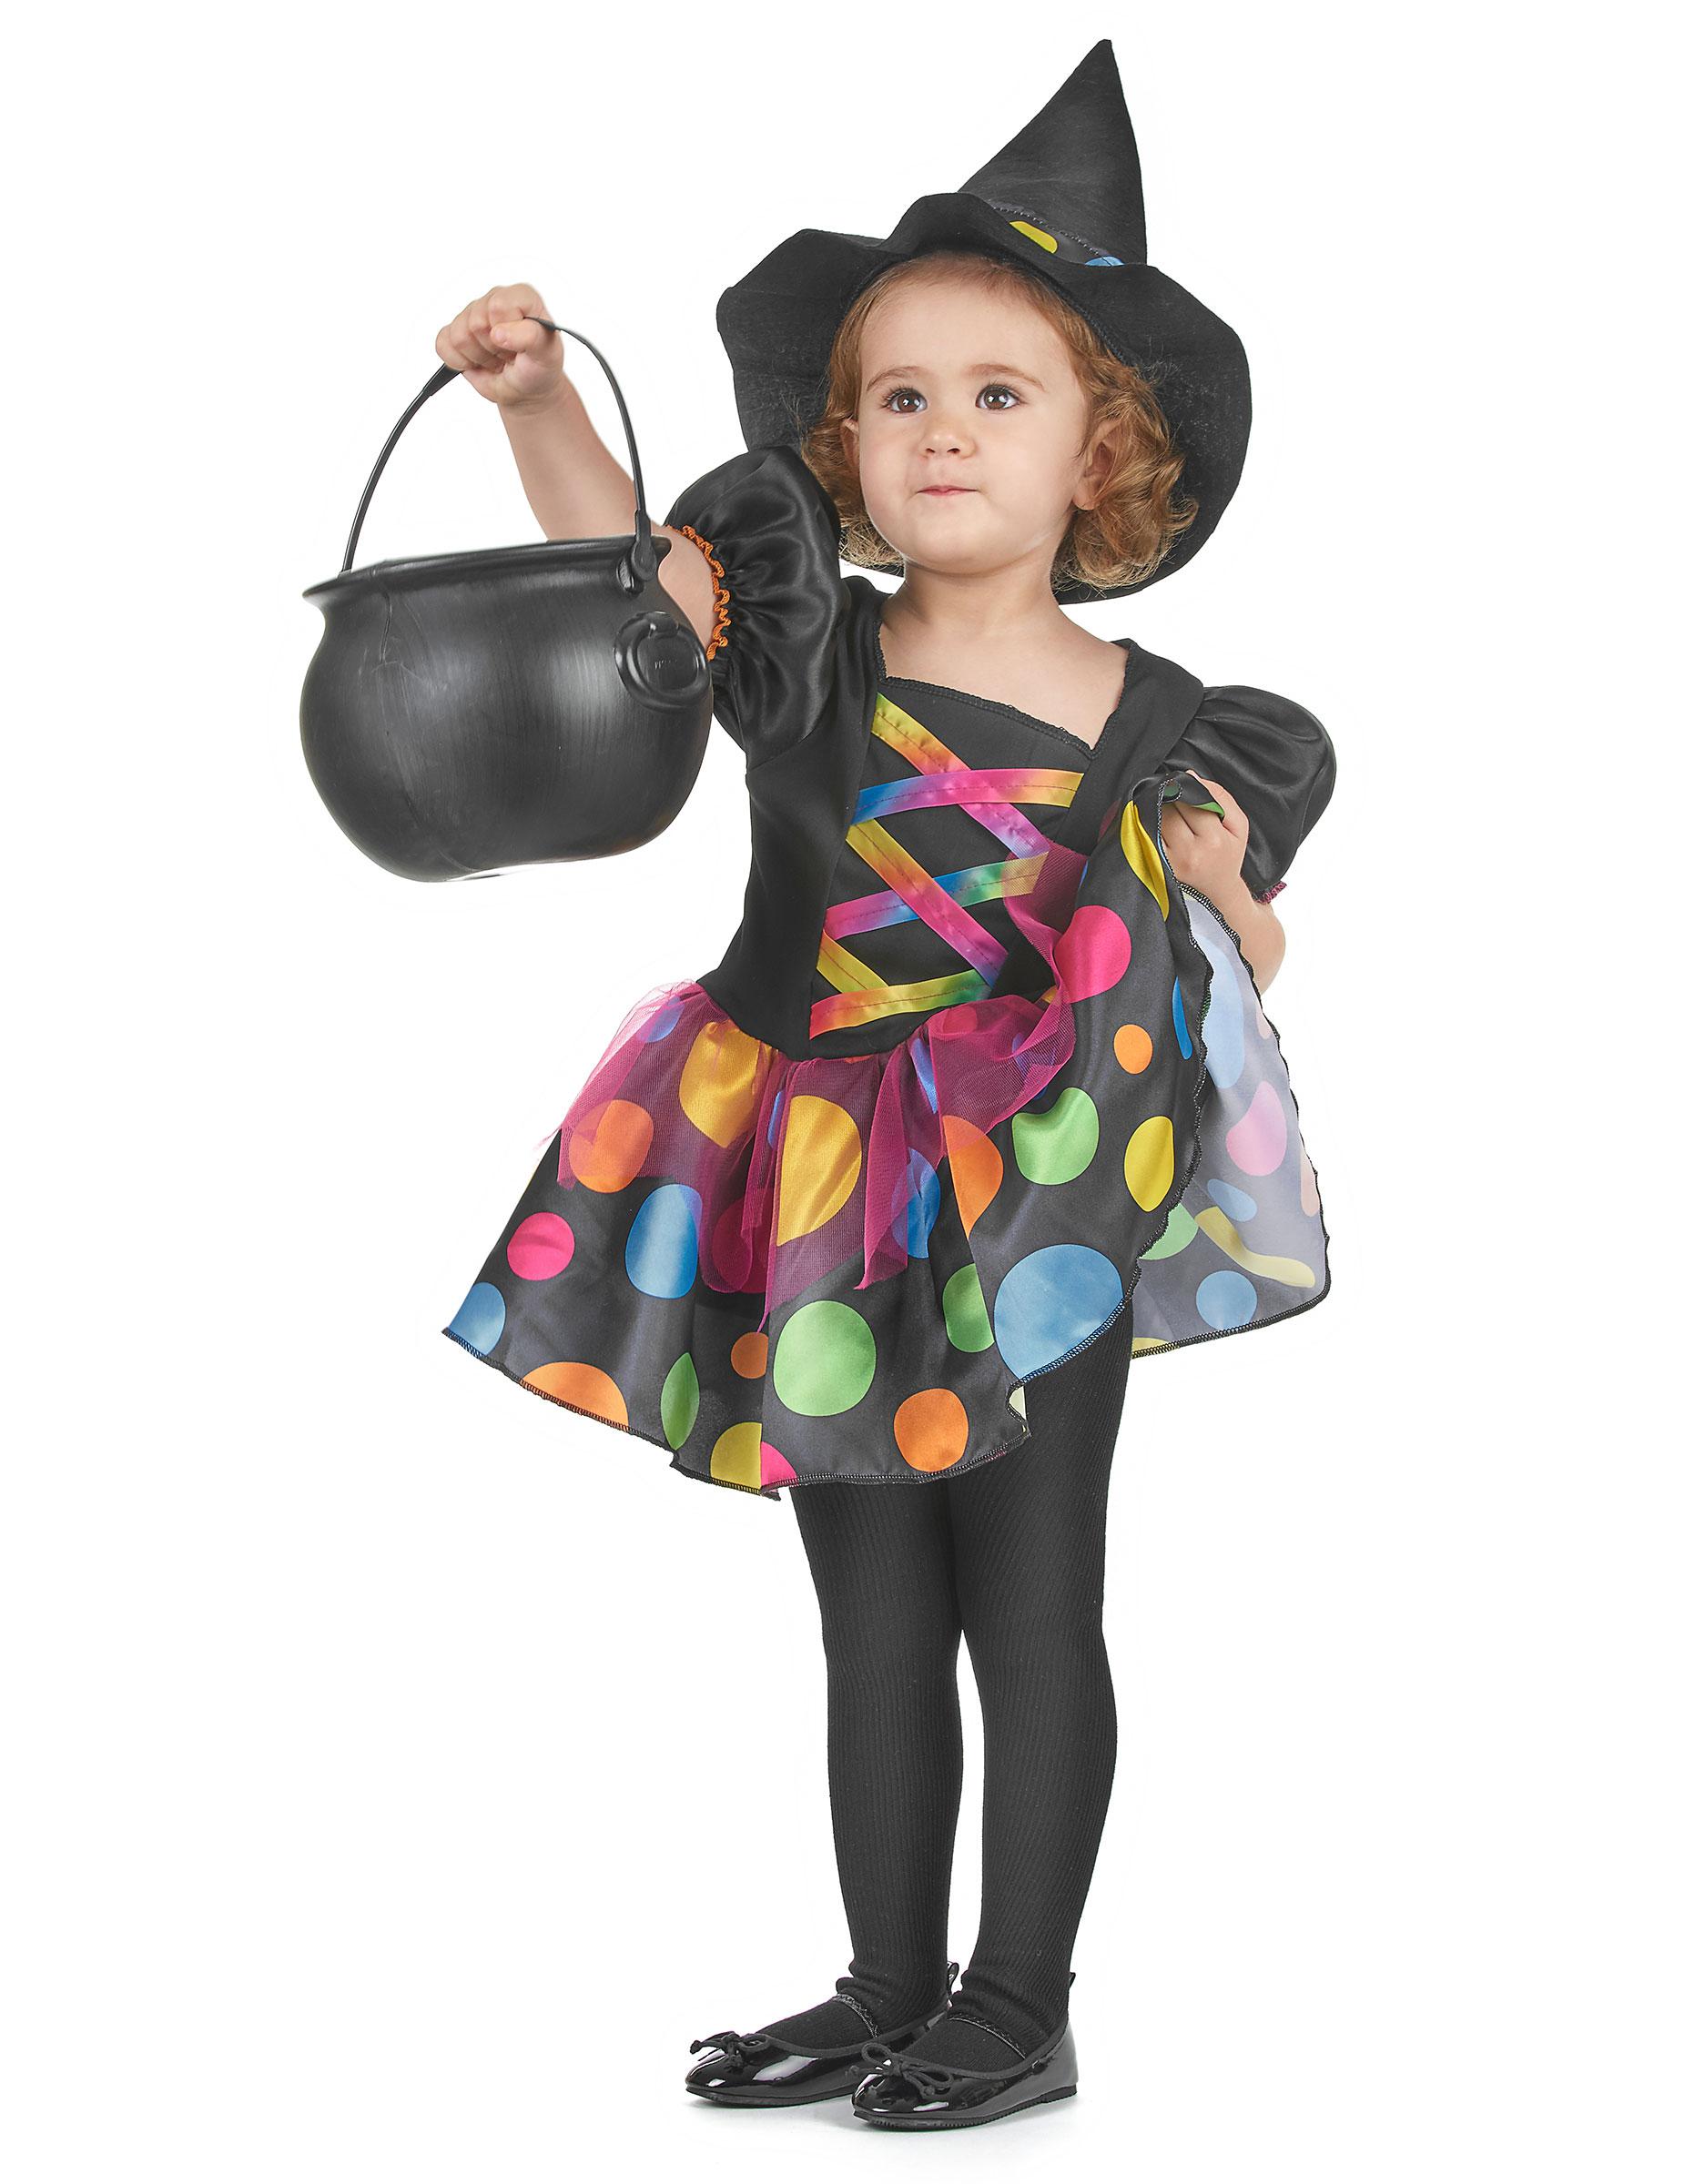 Färgglad häxdräkt - Halloweendräkt för barn-1 8de3191d552a8